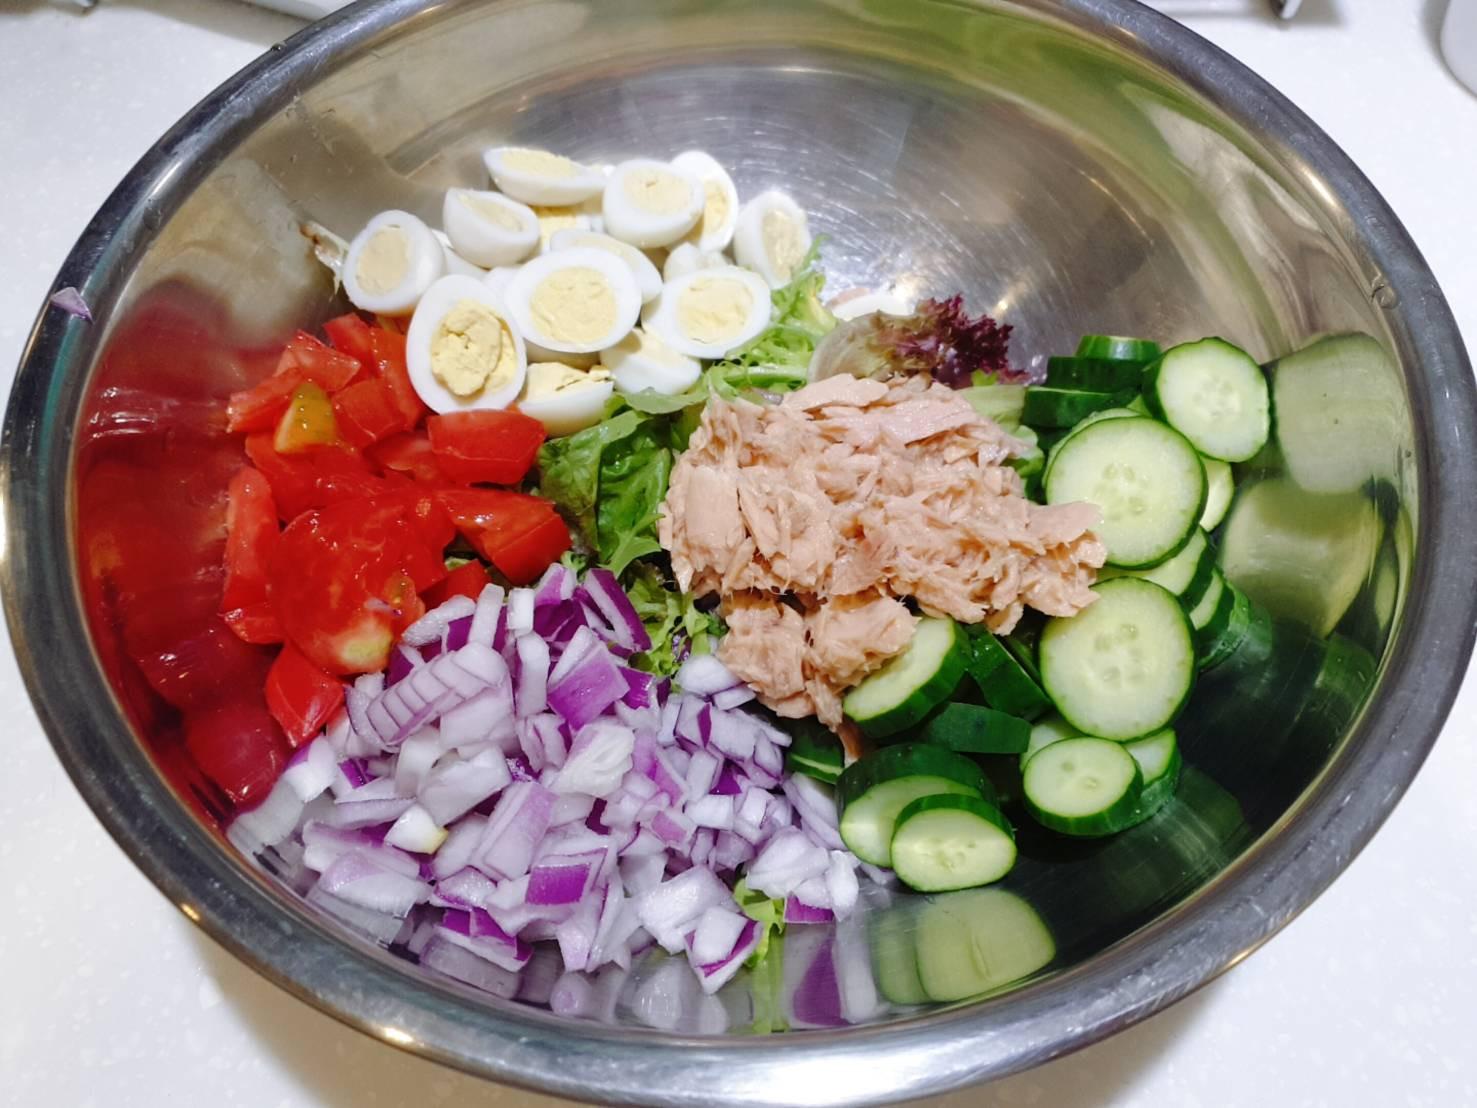 低醣料理   鮪魚蛋沙拉佐橄欖油醋醬汁